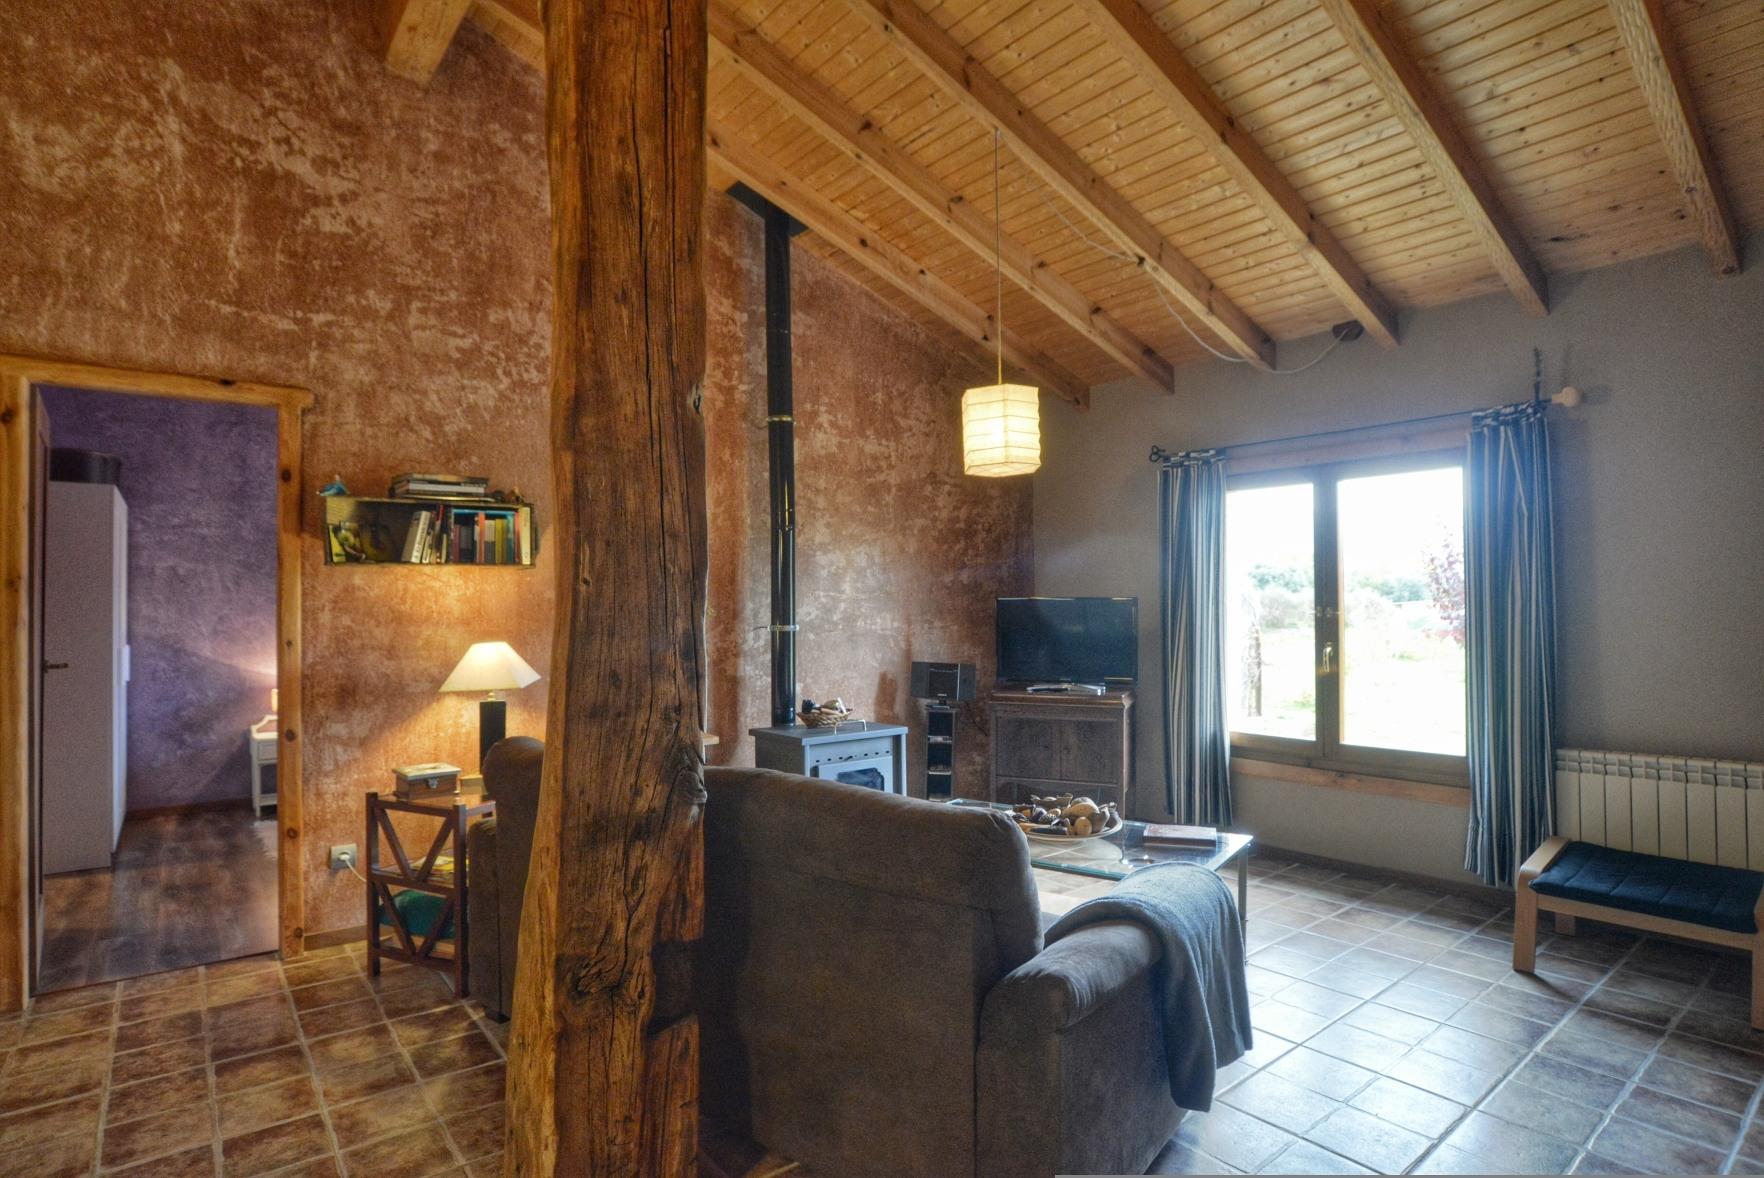 Casa rural La Magia - El Mayulon - Un tranquilo salon donde obrservar placidamente El Bierzo o la television